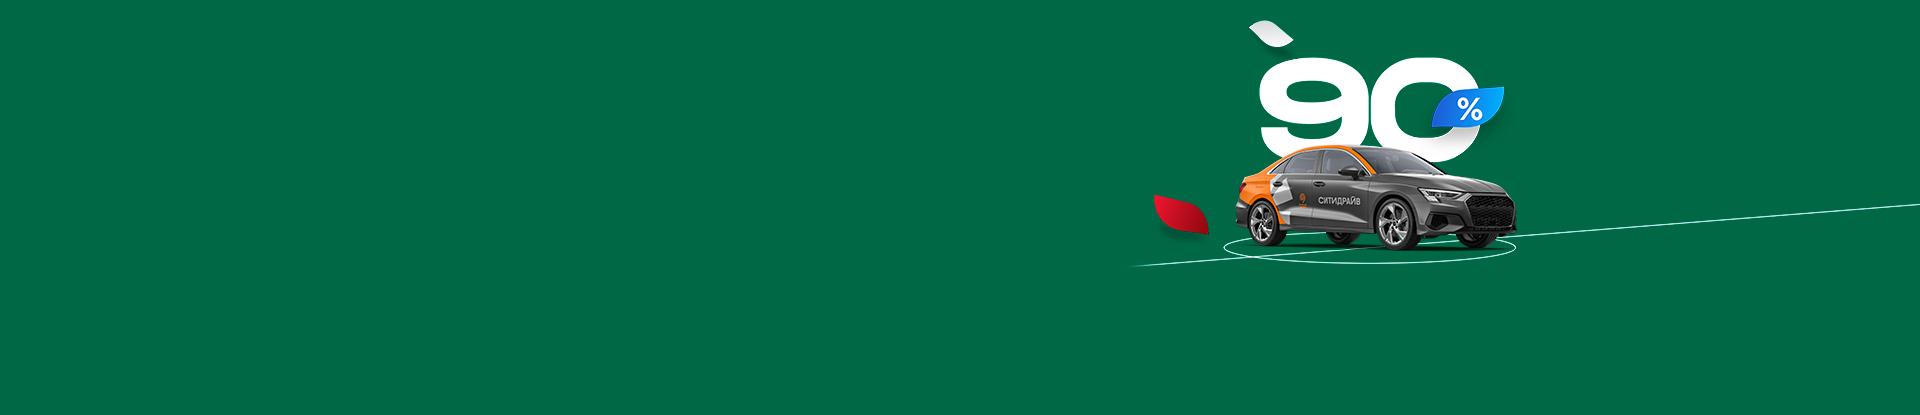 Поддерживай сборную России по футболу — получай выгоду в Ситидрайв